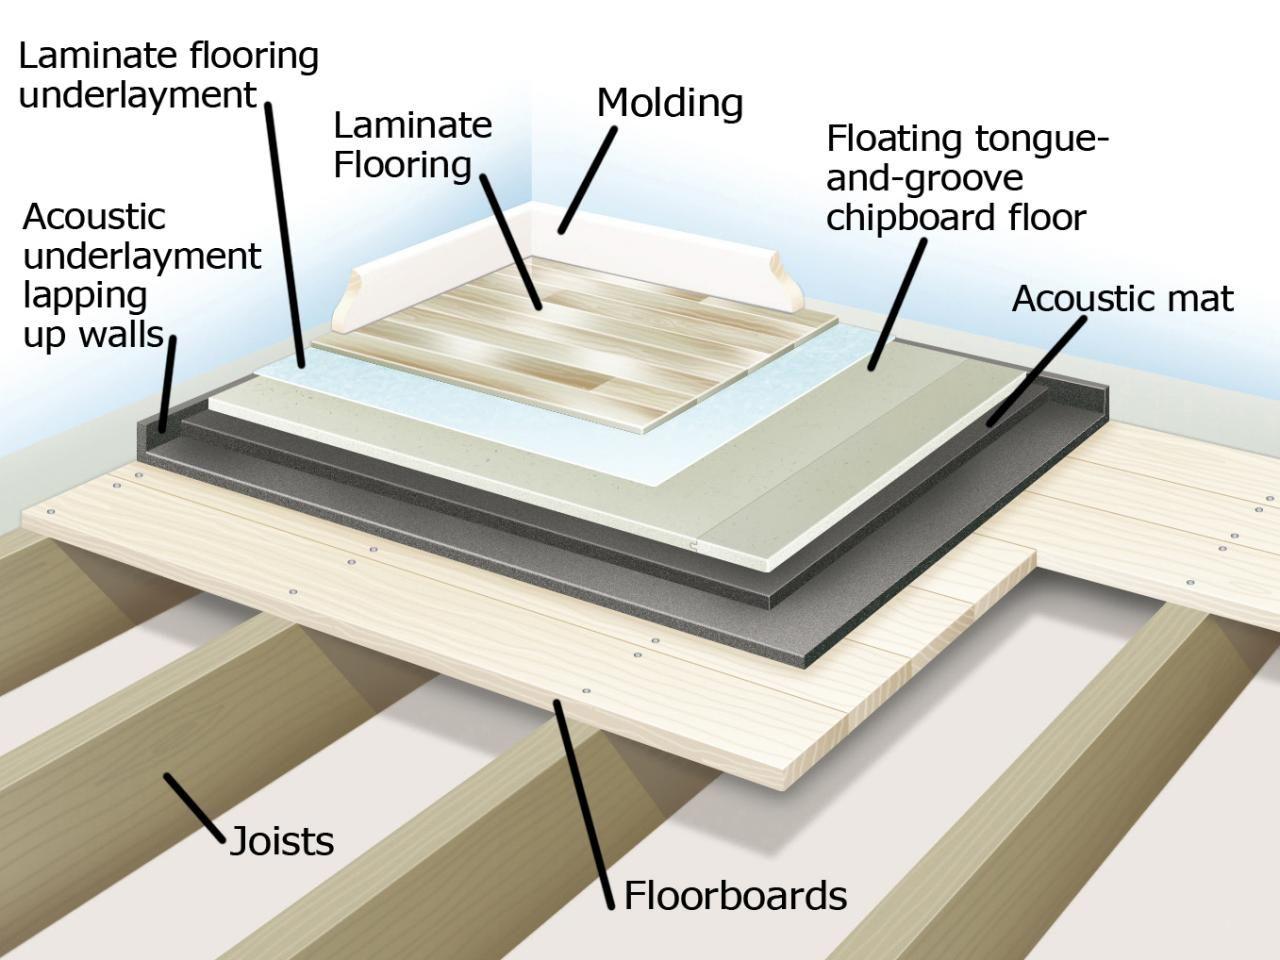 Soundproofing A Floor Dream Kitchens Pinterest Hard Floor - Noise reduction between floors